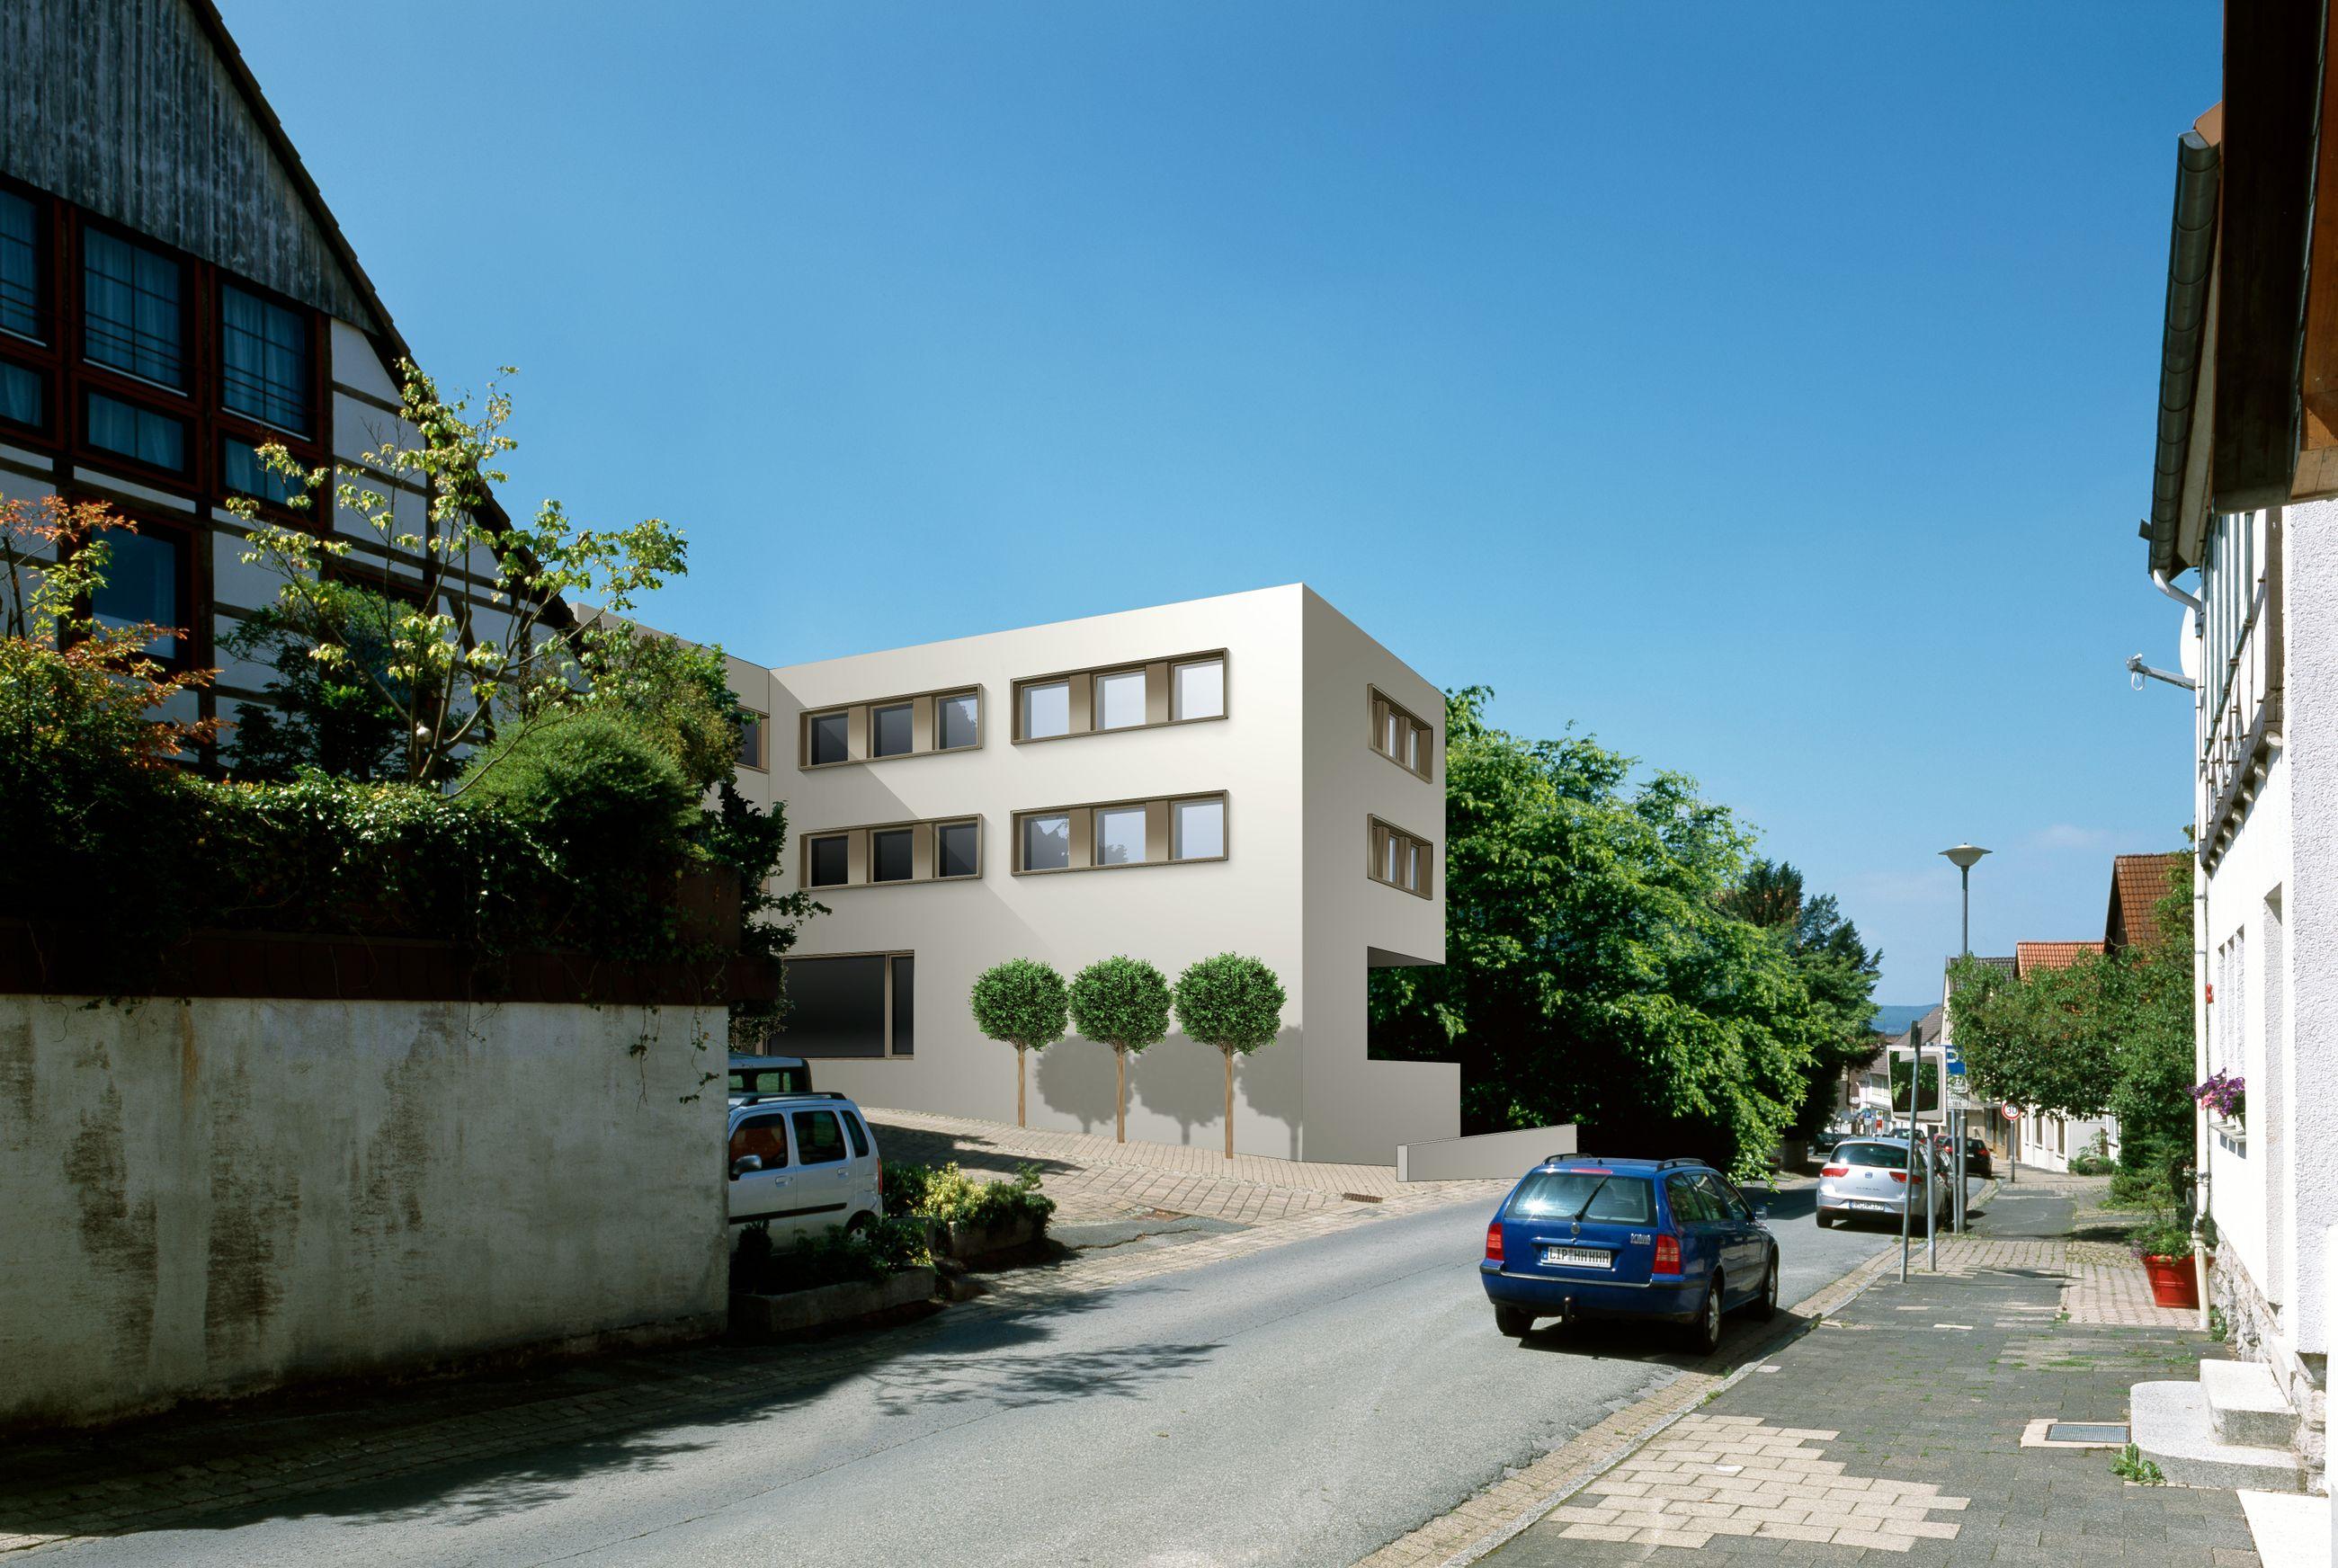 Erweiterung Rathaus